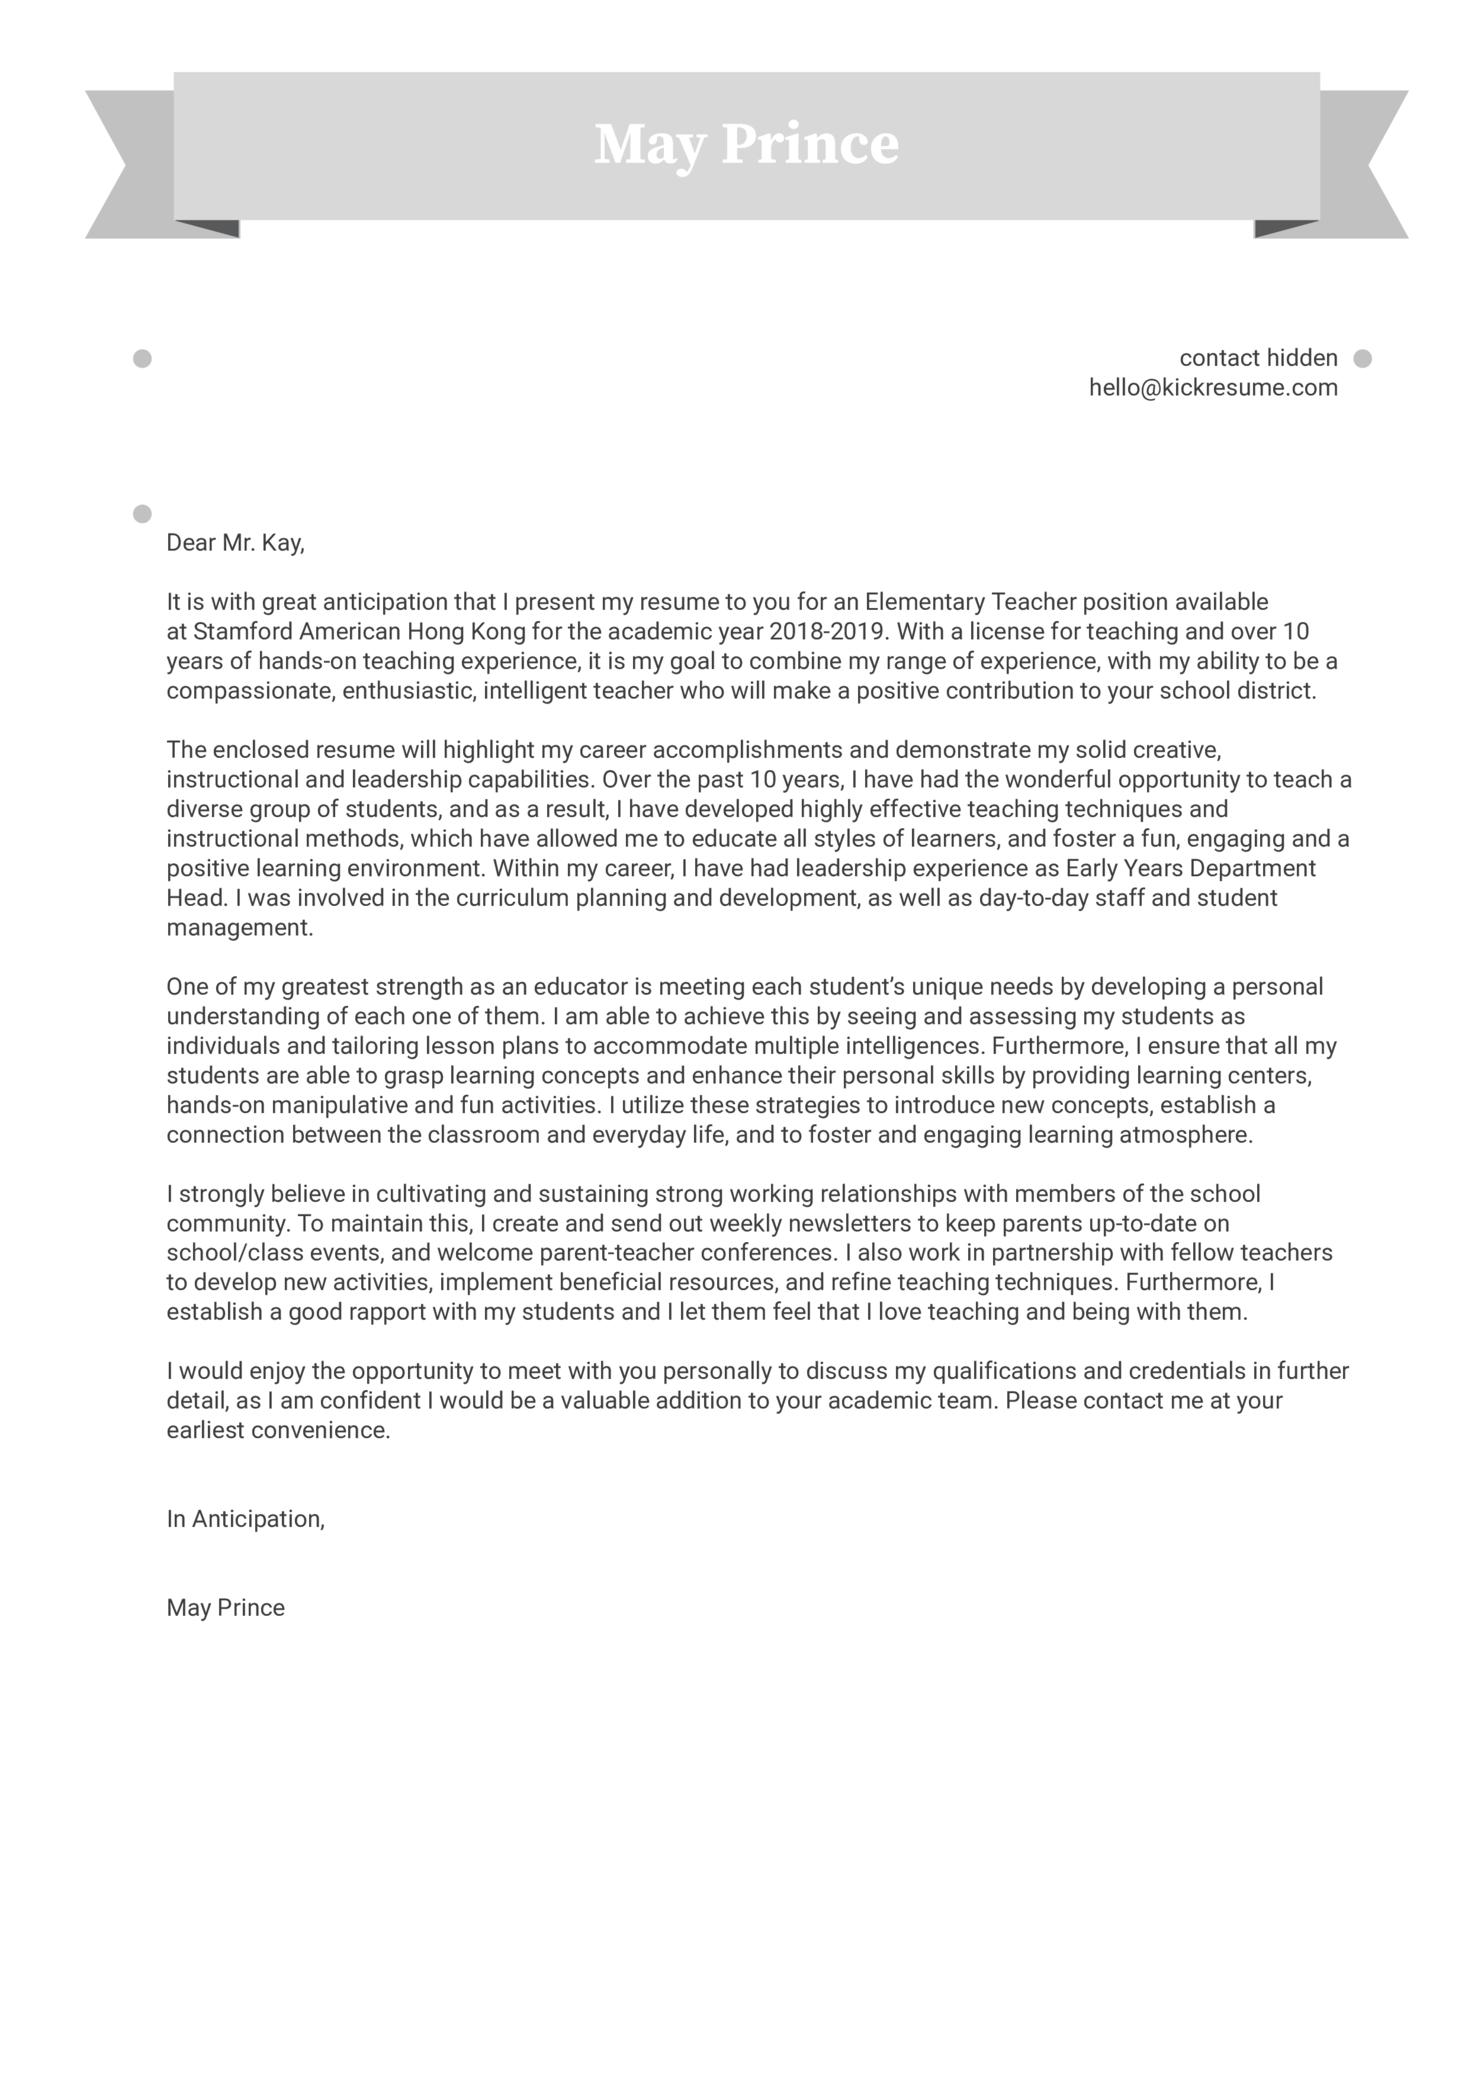 Teacher Cover Letter Sample